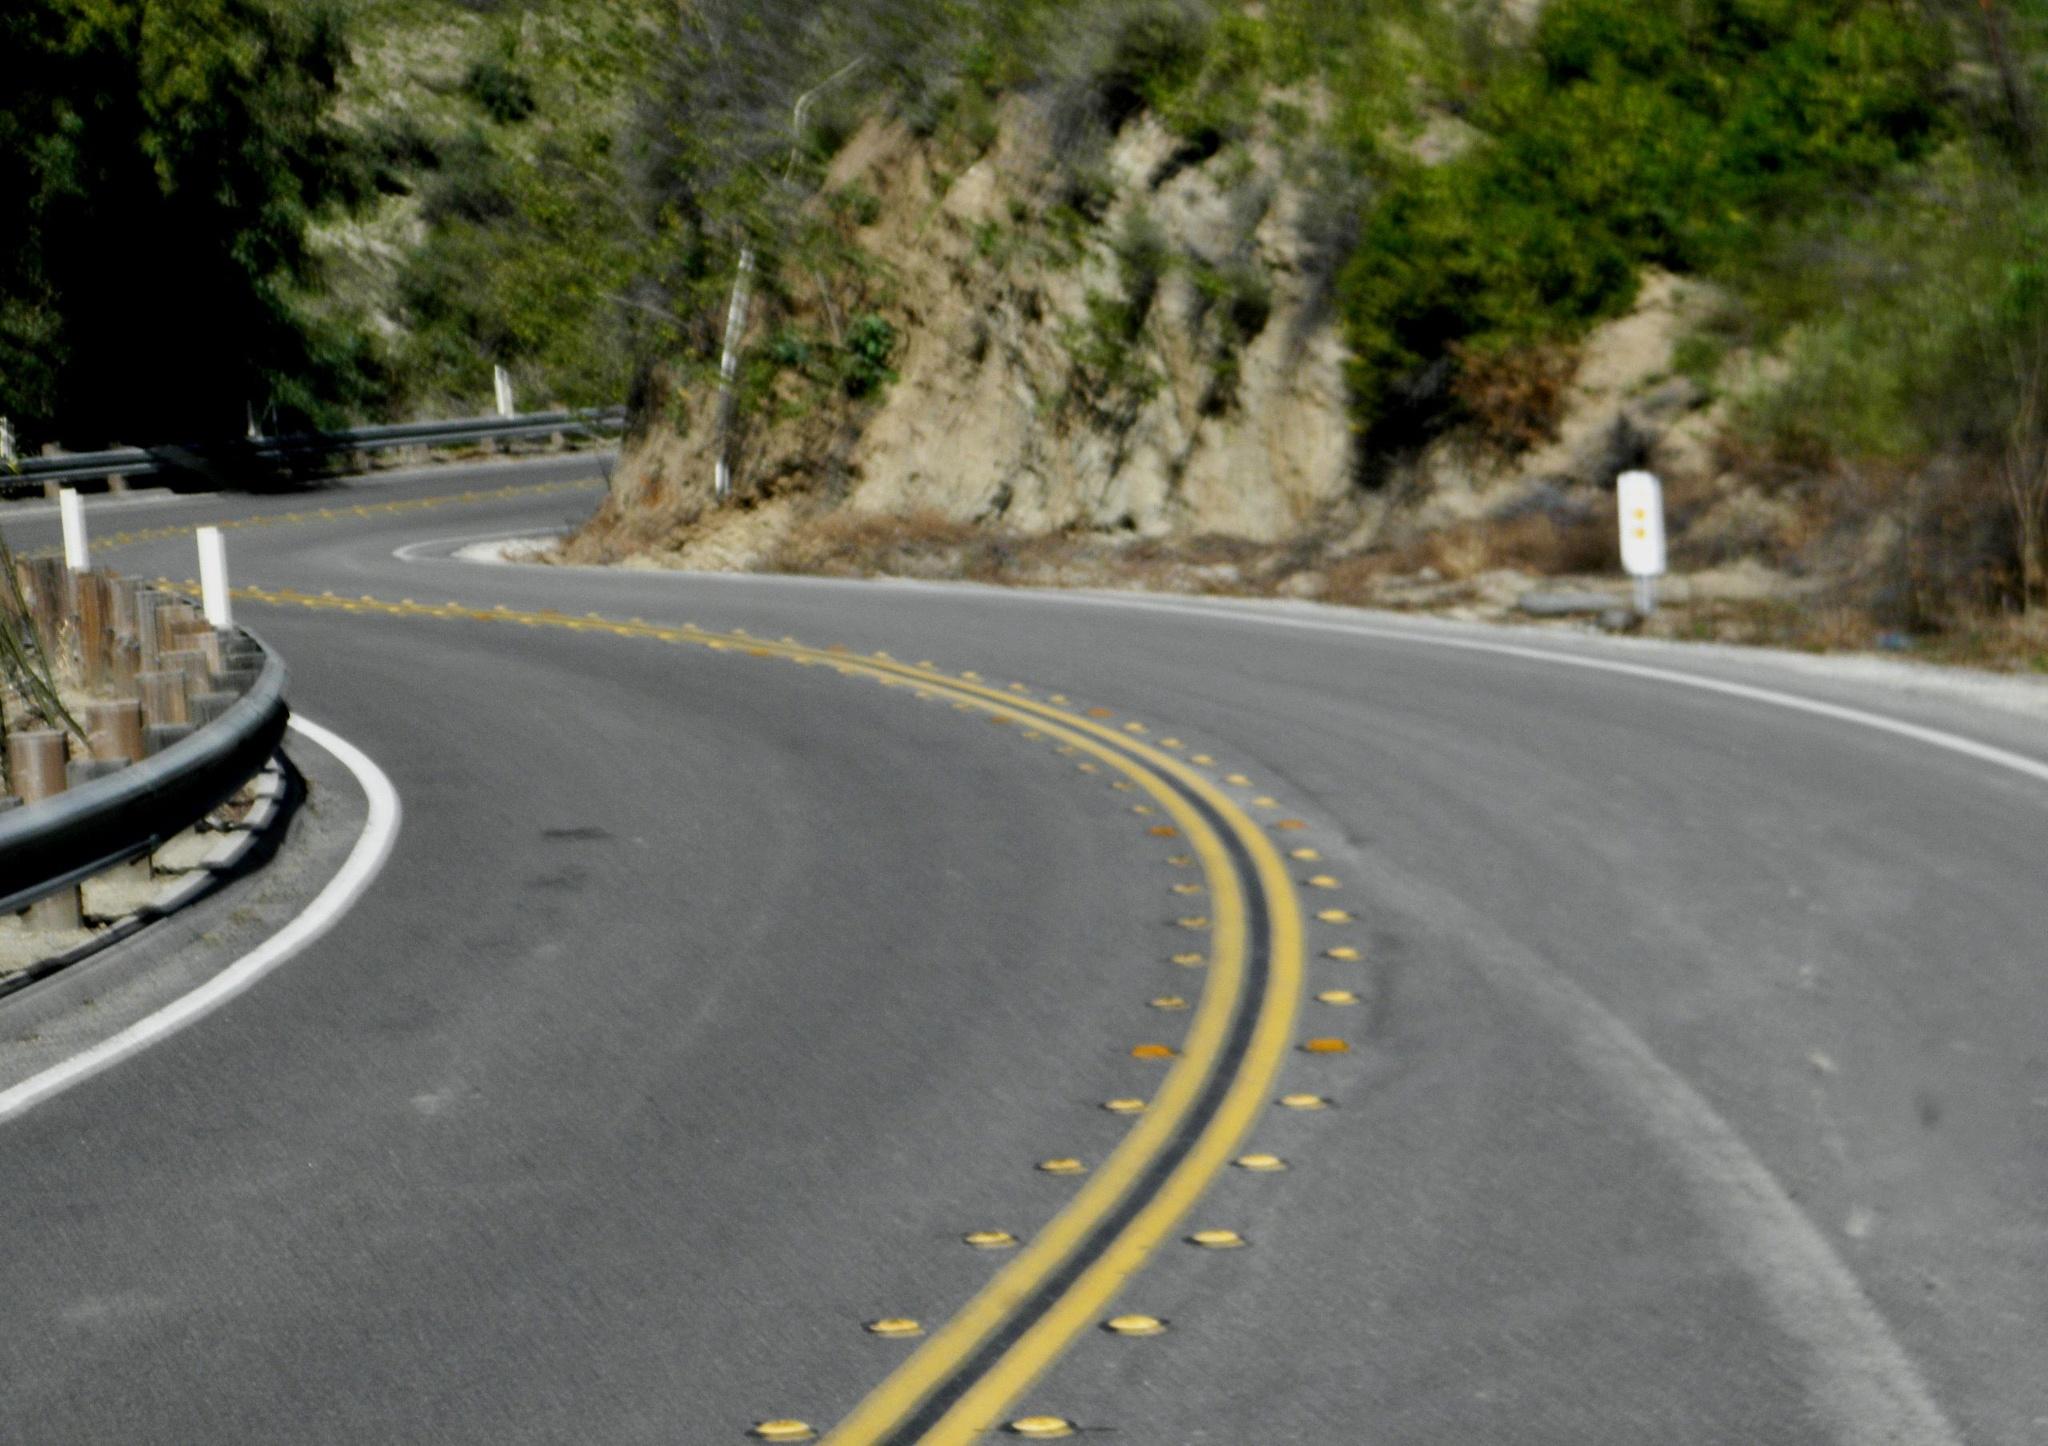 Driving the road by Tiffanie Faith Chezum